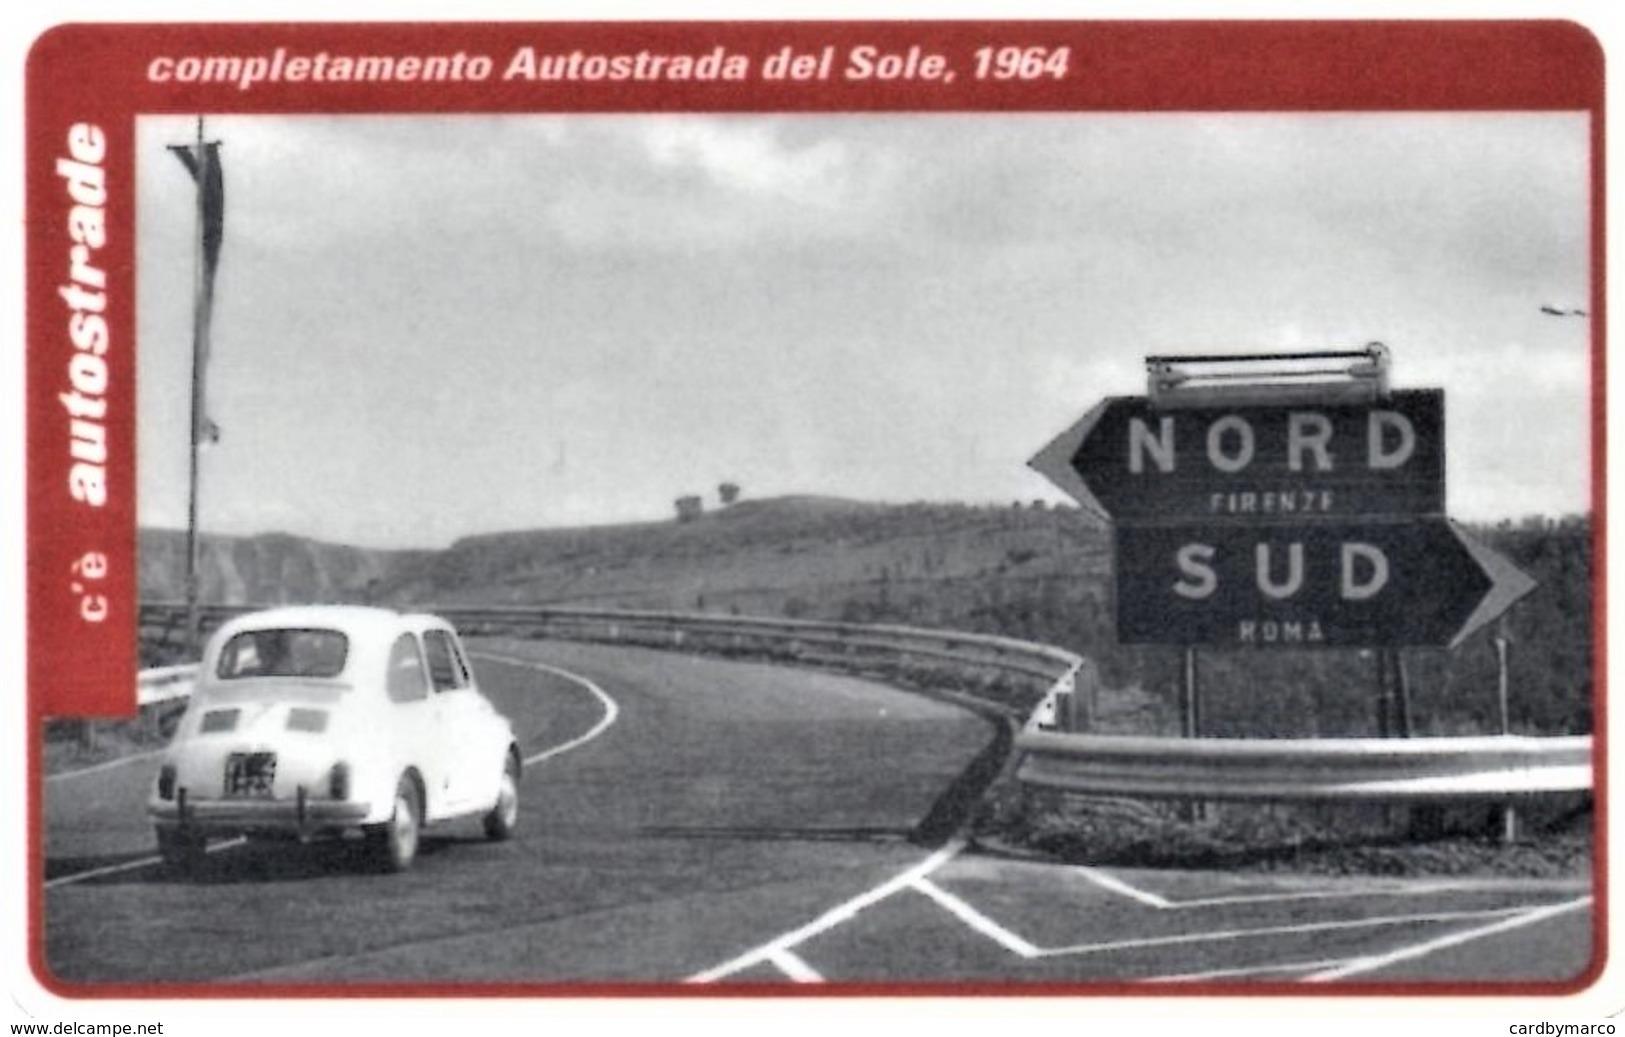 *ITALIA: VIACARD - COMPLETAMENTO AUTOSTRADA DEL SOLE, 1964 (L. 10000)* - Usata - Non Classificati